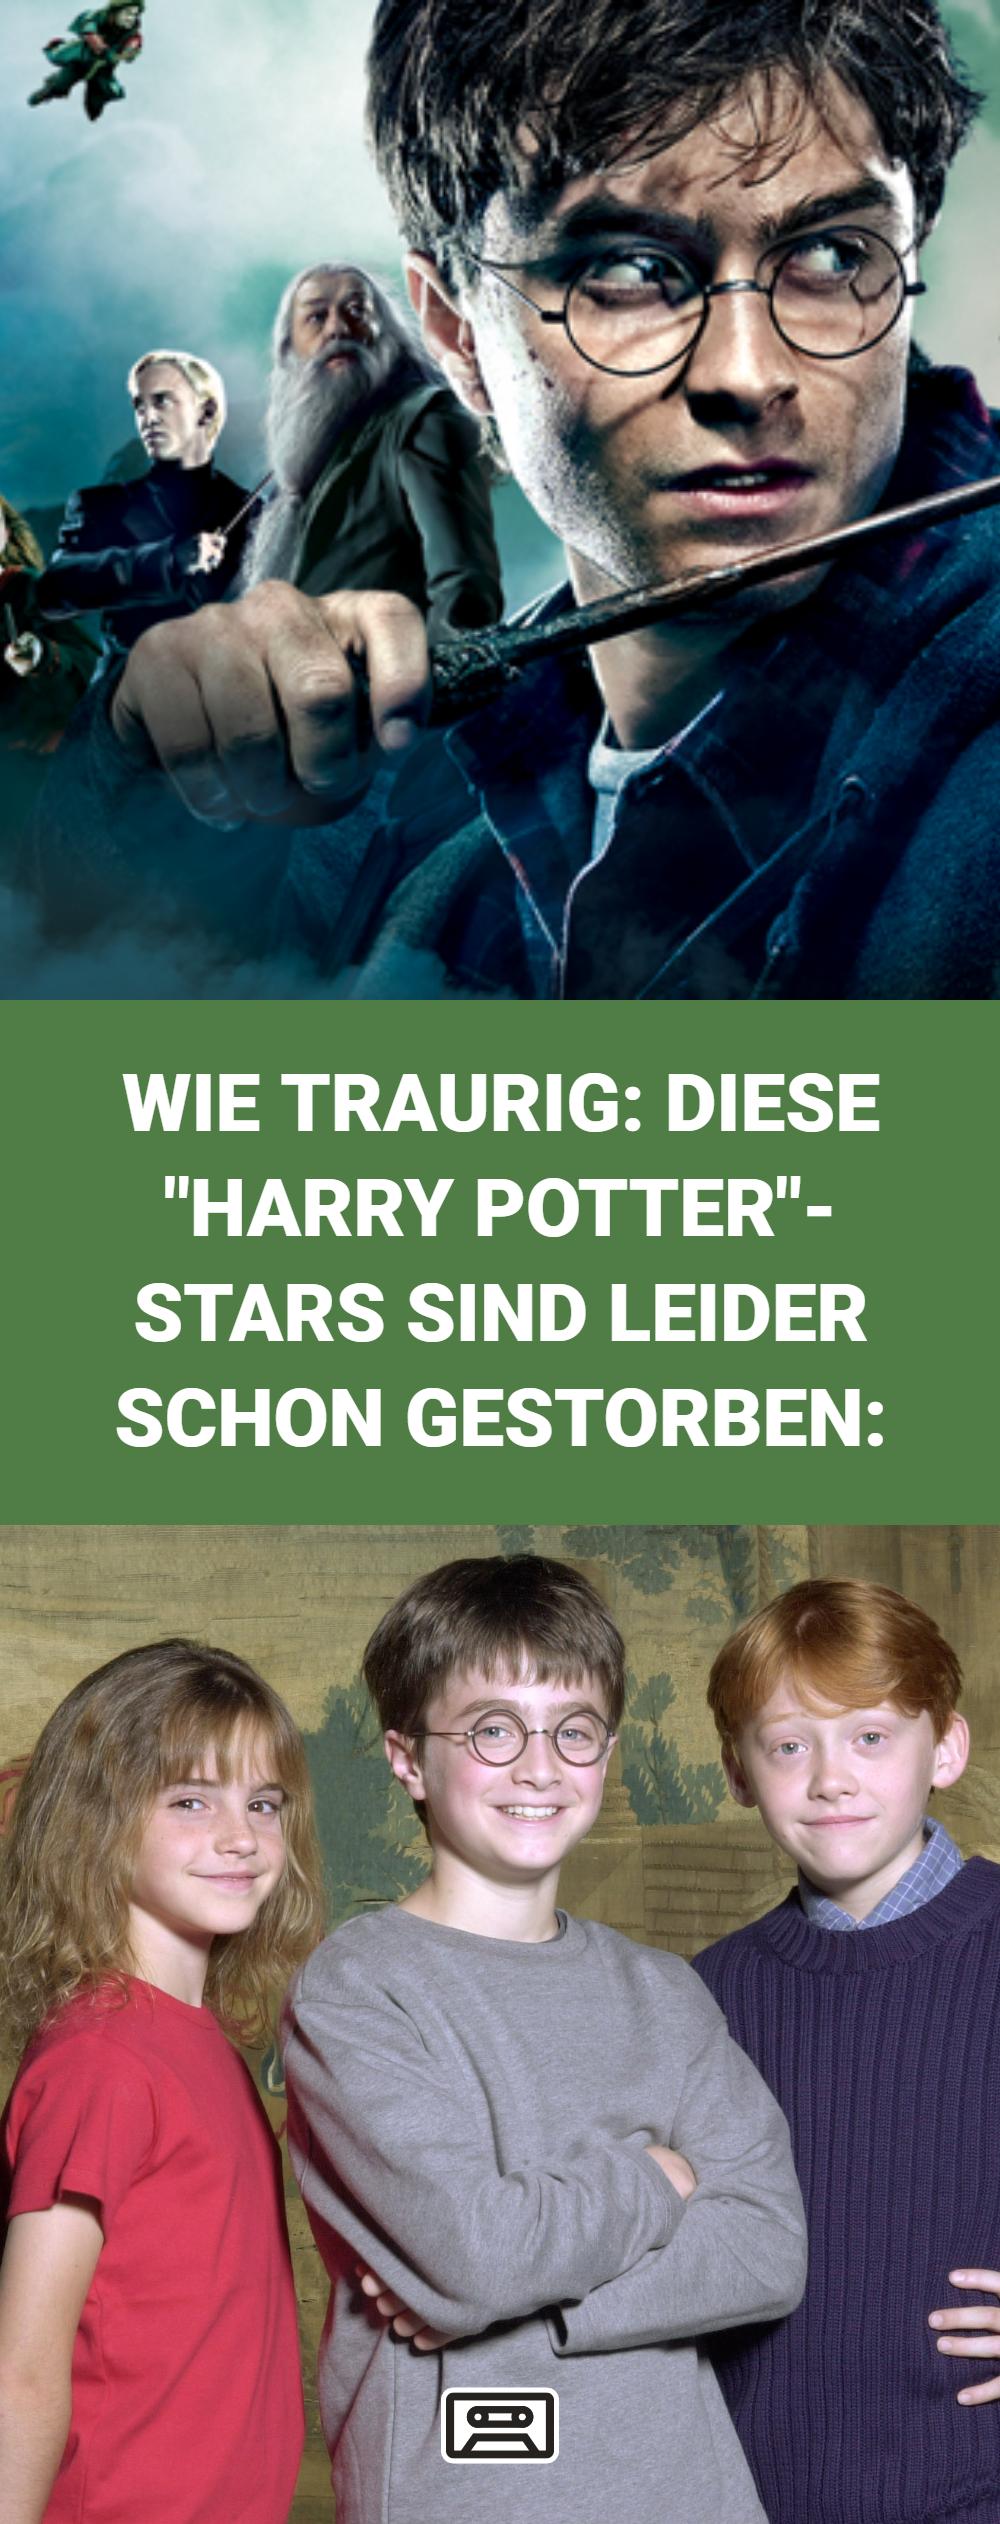 Wie Traurig Diese Harry Potter Stars Sind Leider Schon Gestorben Harrypotter Gestorben Harrypotterstars Sta Schauspieler Gestorben Darsteller Filmstars